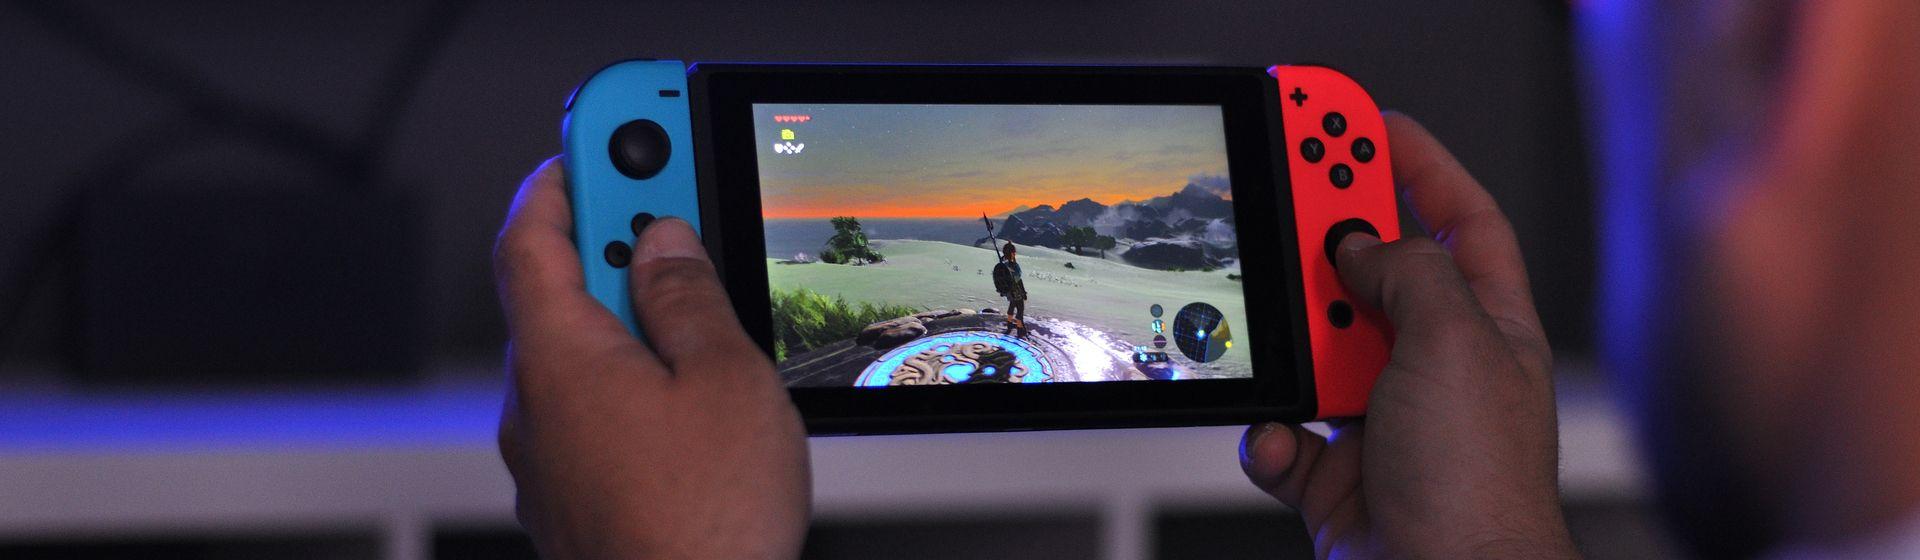 Melhores jogos de Nintendo Switch em 2020: 10 games para o console